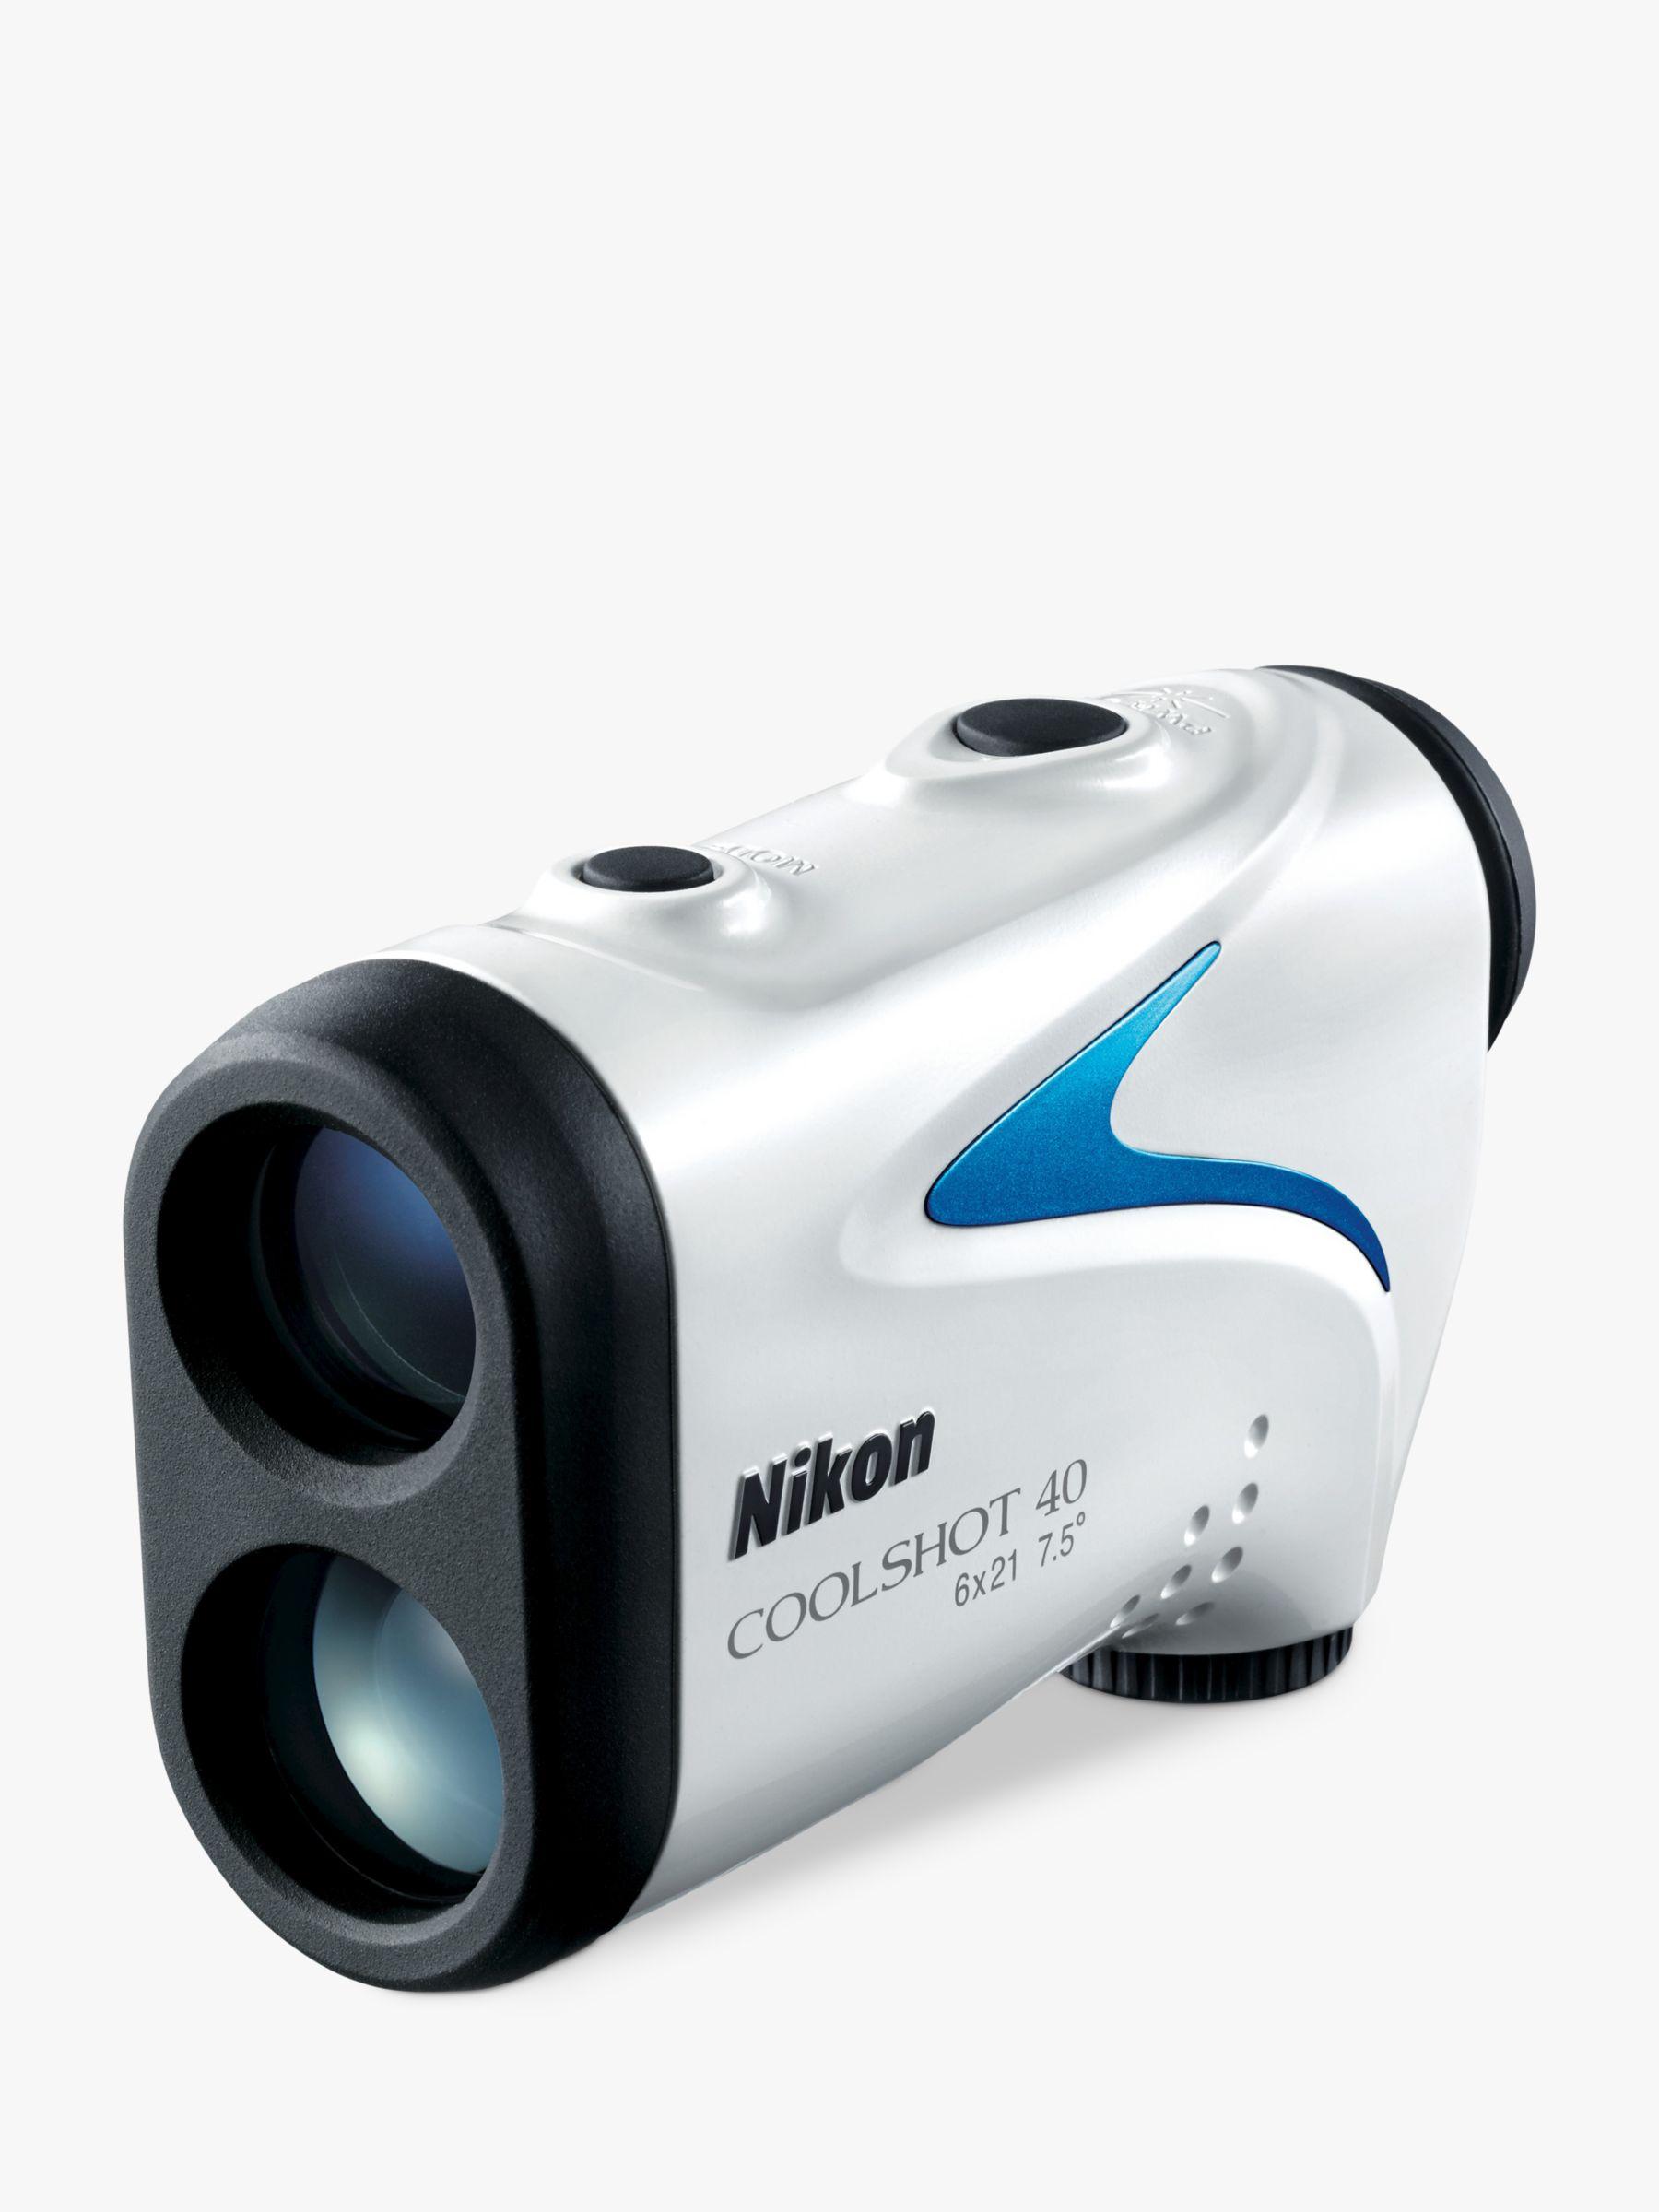 Nikon Nikon COOLSHOT 40 Laser Range Finder With 8-650 Yard Range